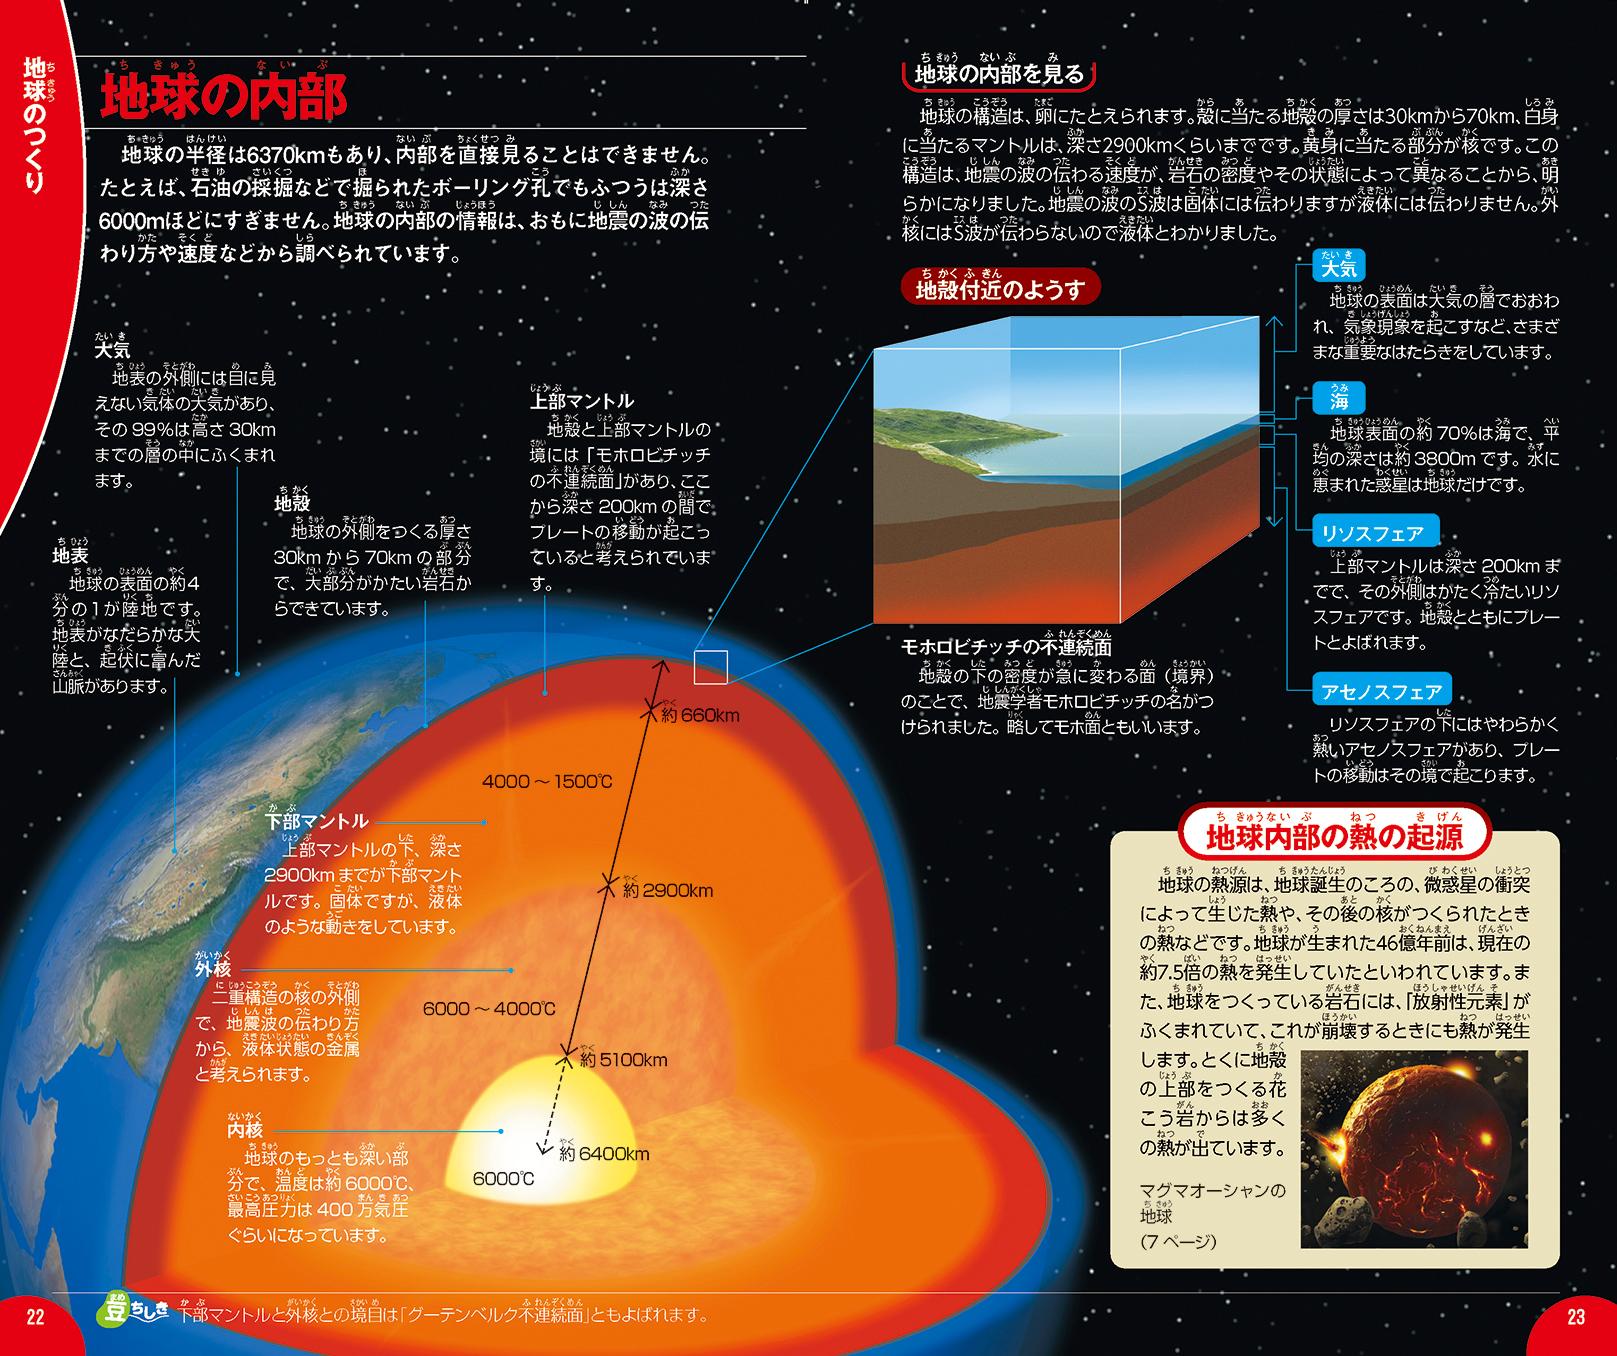 「地球内部(地殻、マントル、核の様子)」紙面